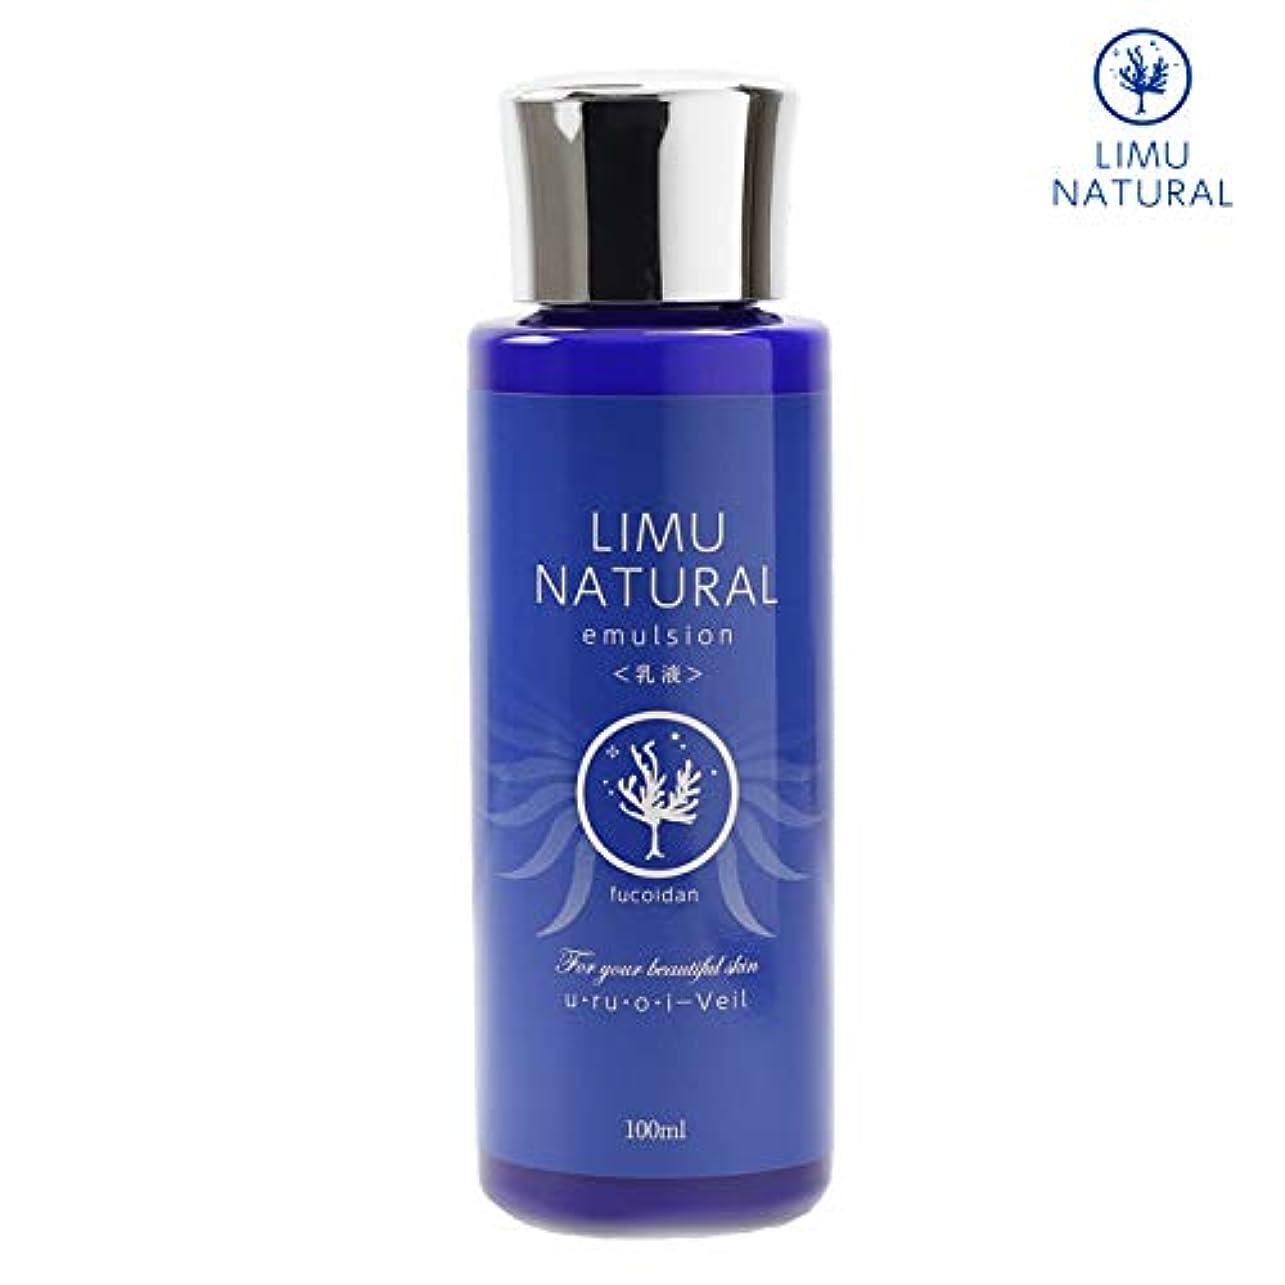 お香のぞき穴有名人リムナチュラル 乳液 LIMU NATURAL EMULSION (100ml) 海の恵「フコイダン」と大地の恵「グリセリルグルコシド」を贅沢に配合